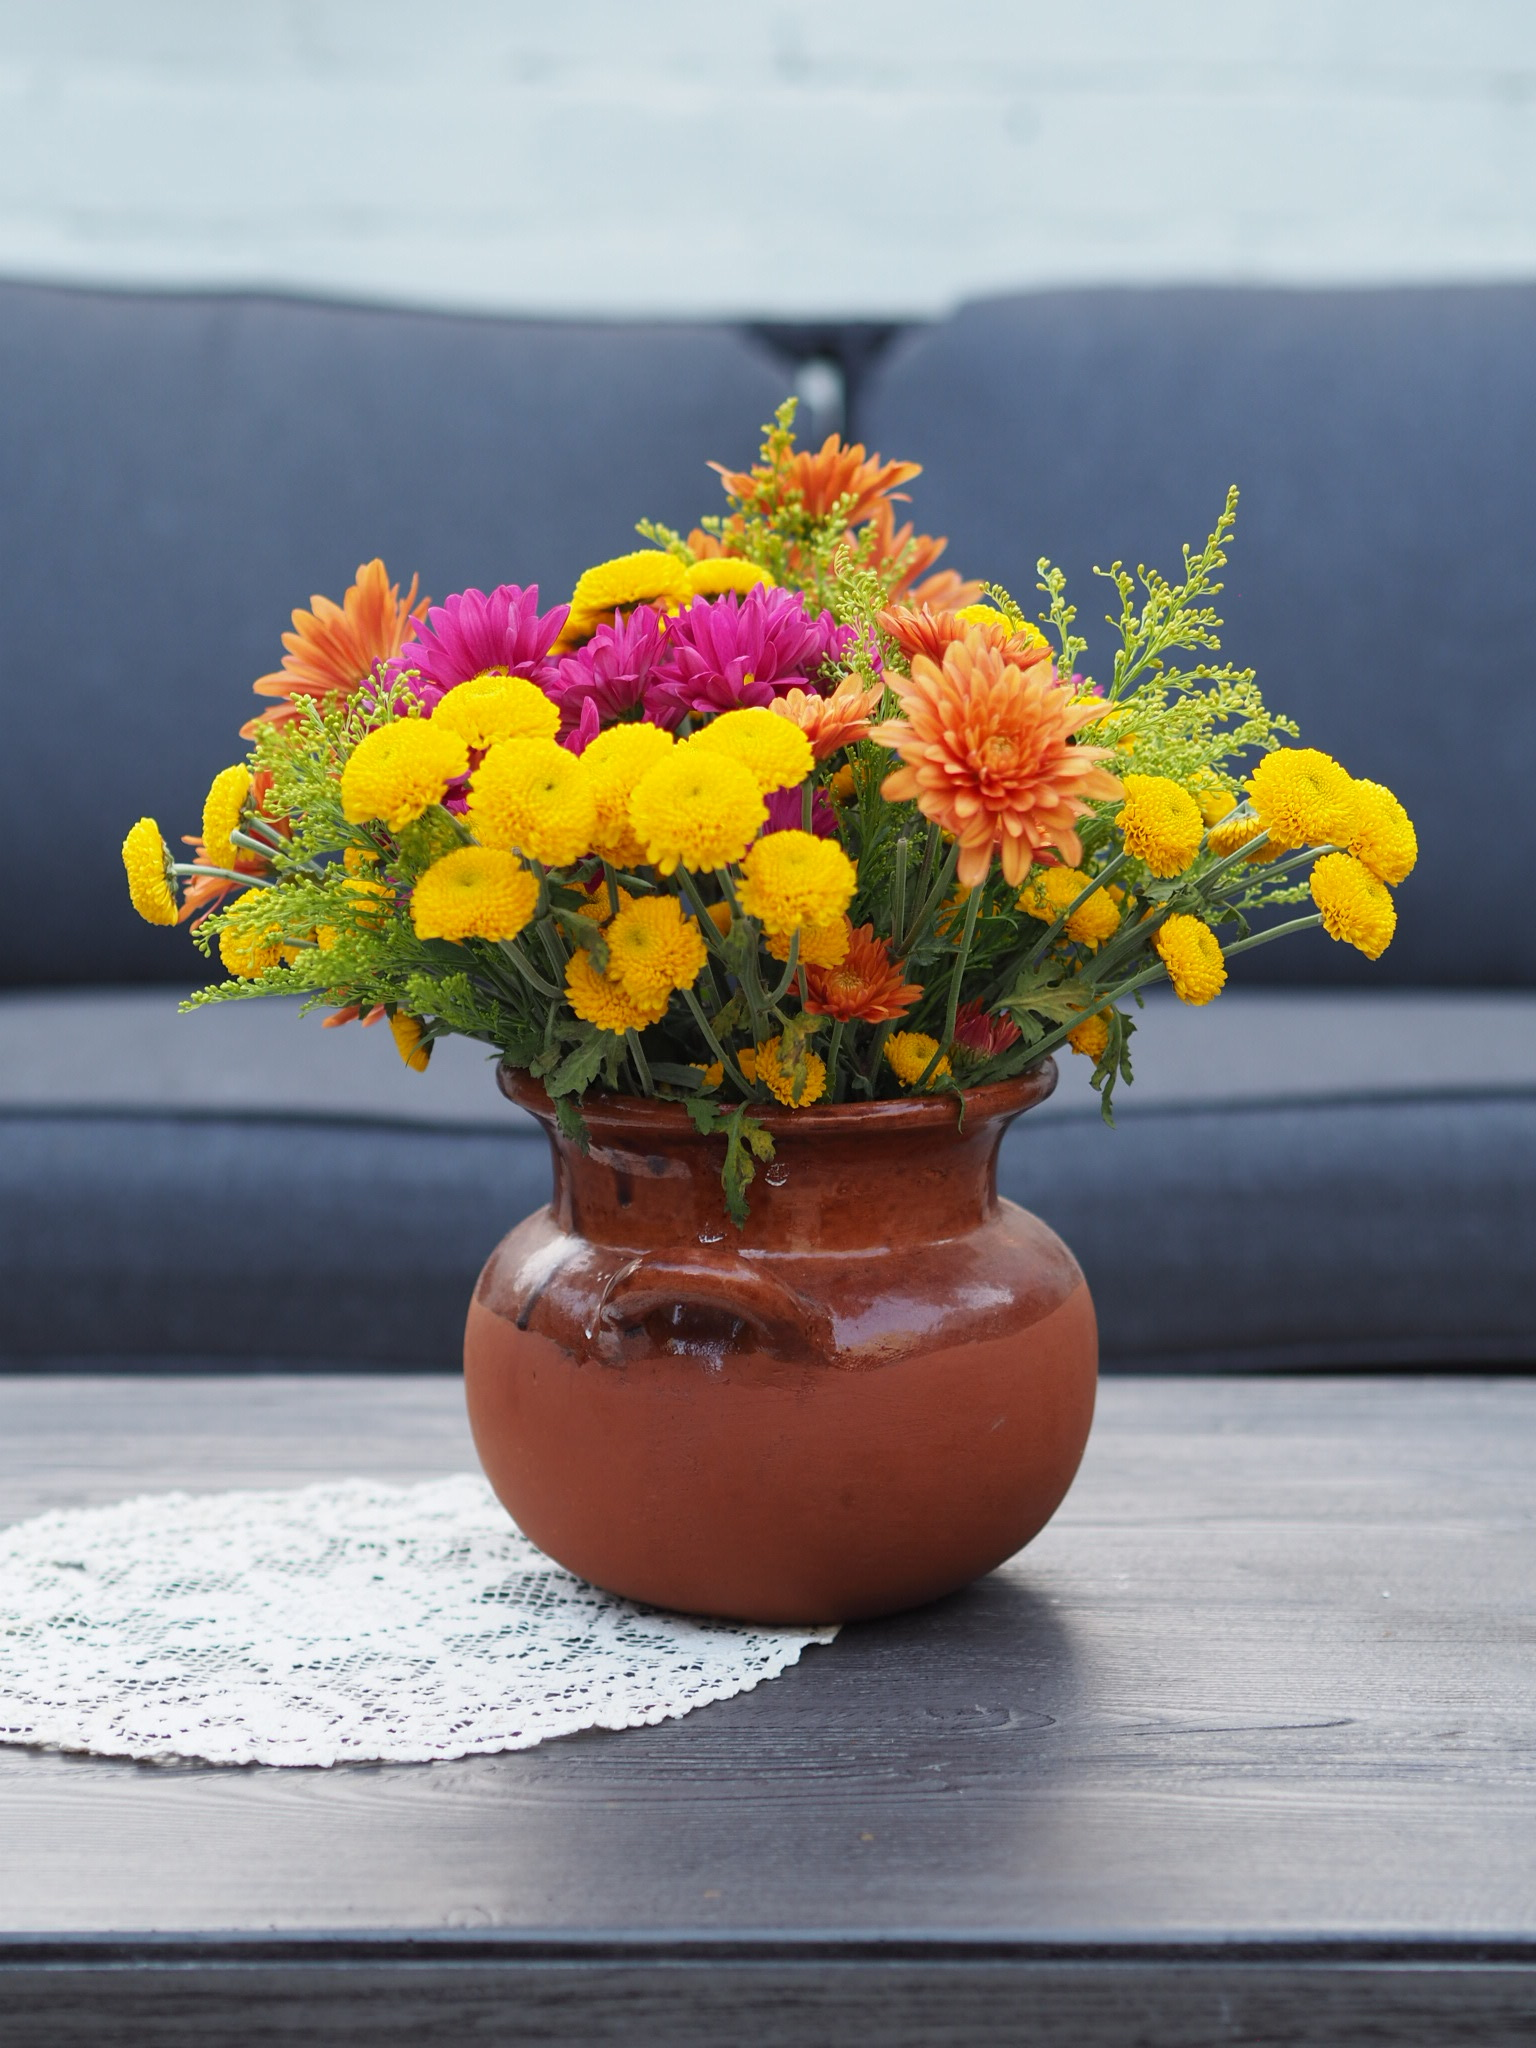 Flower Vase Table.JPG